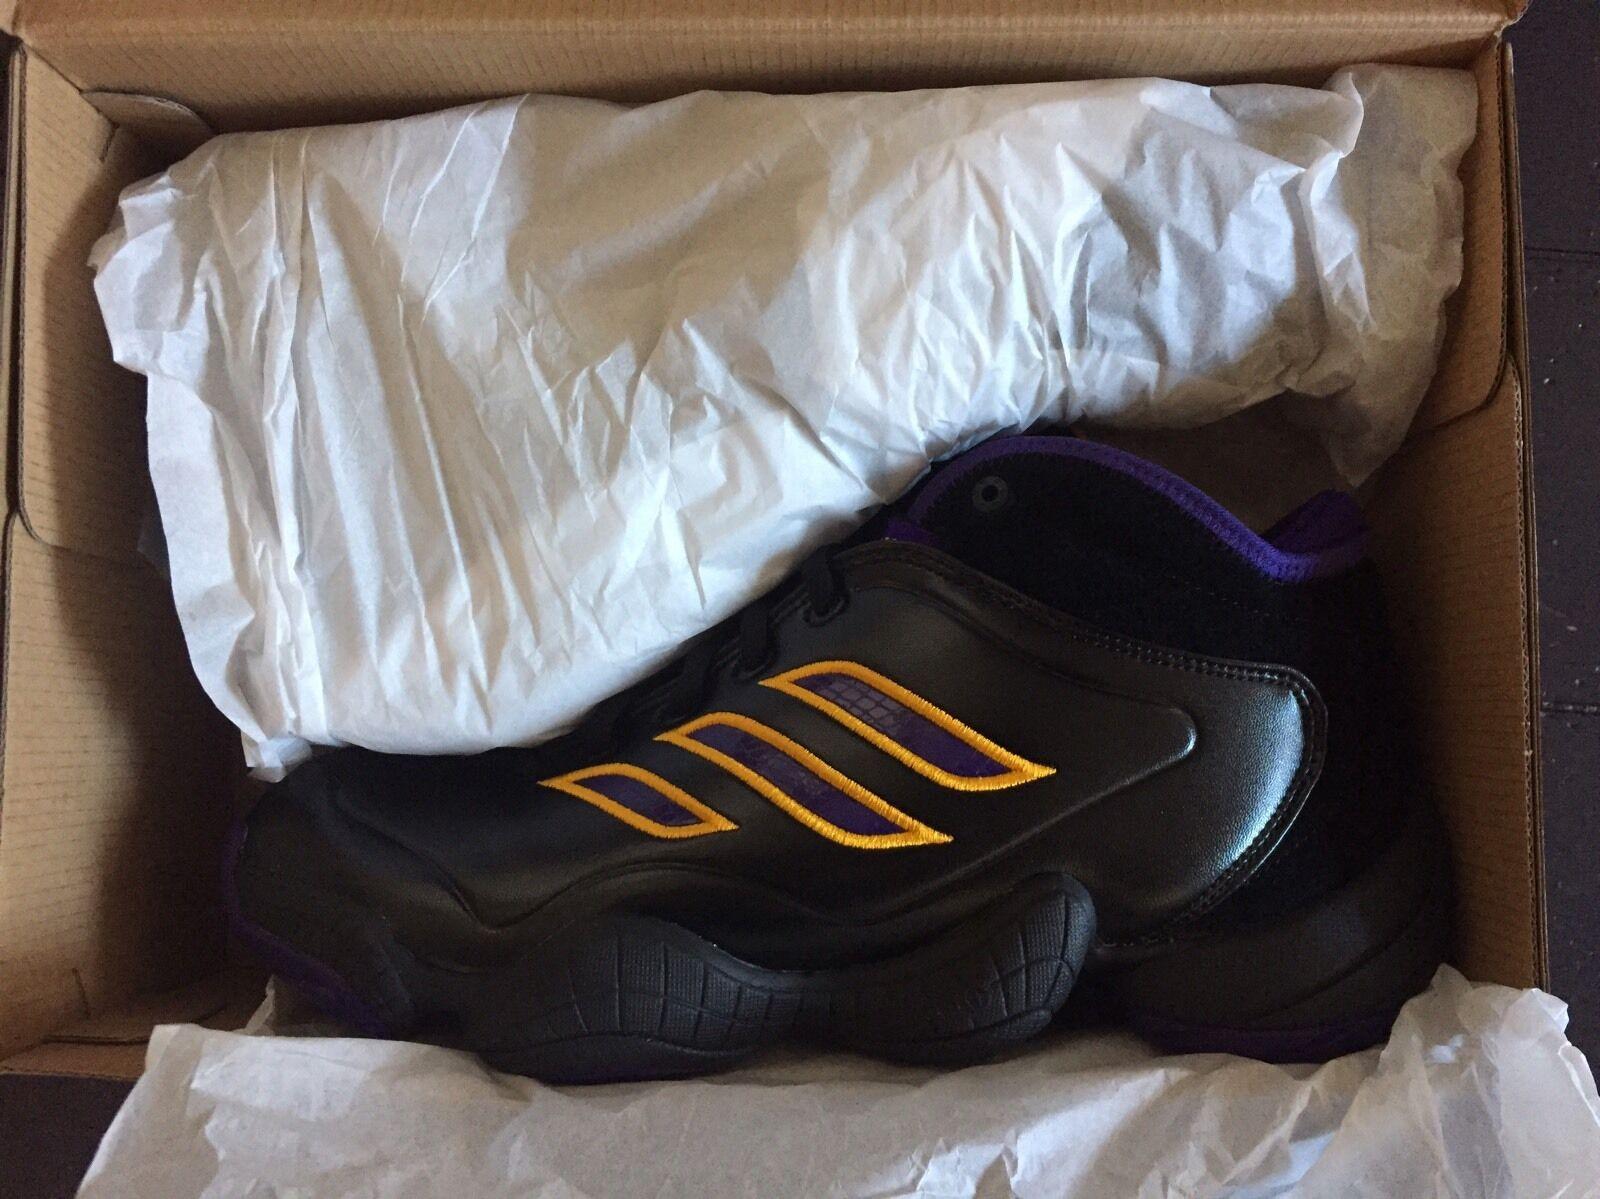 Adidas Kobe Crazy 3 III mens size 9 Yeezy 500 sole